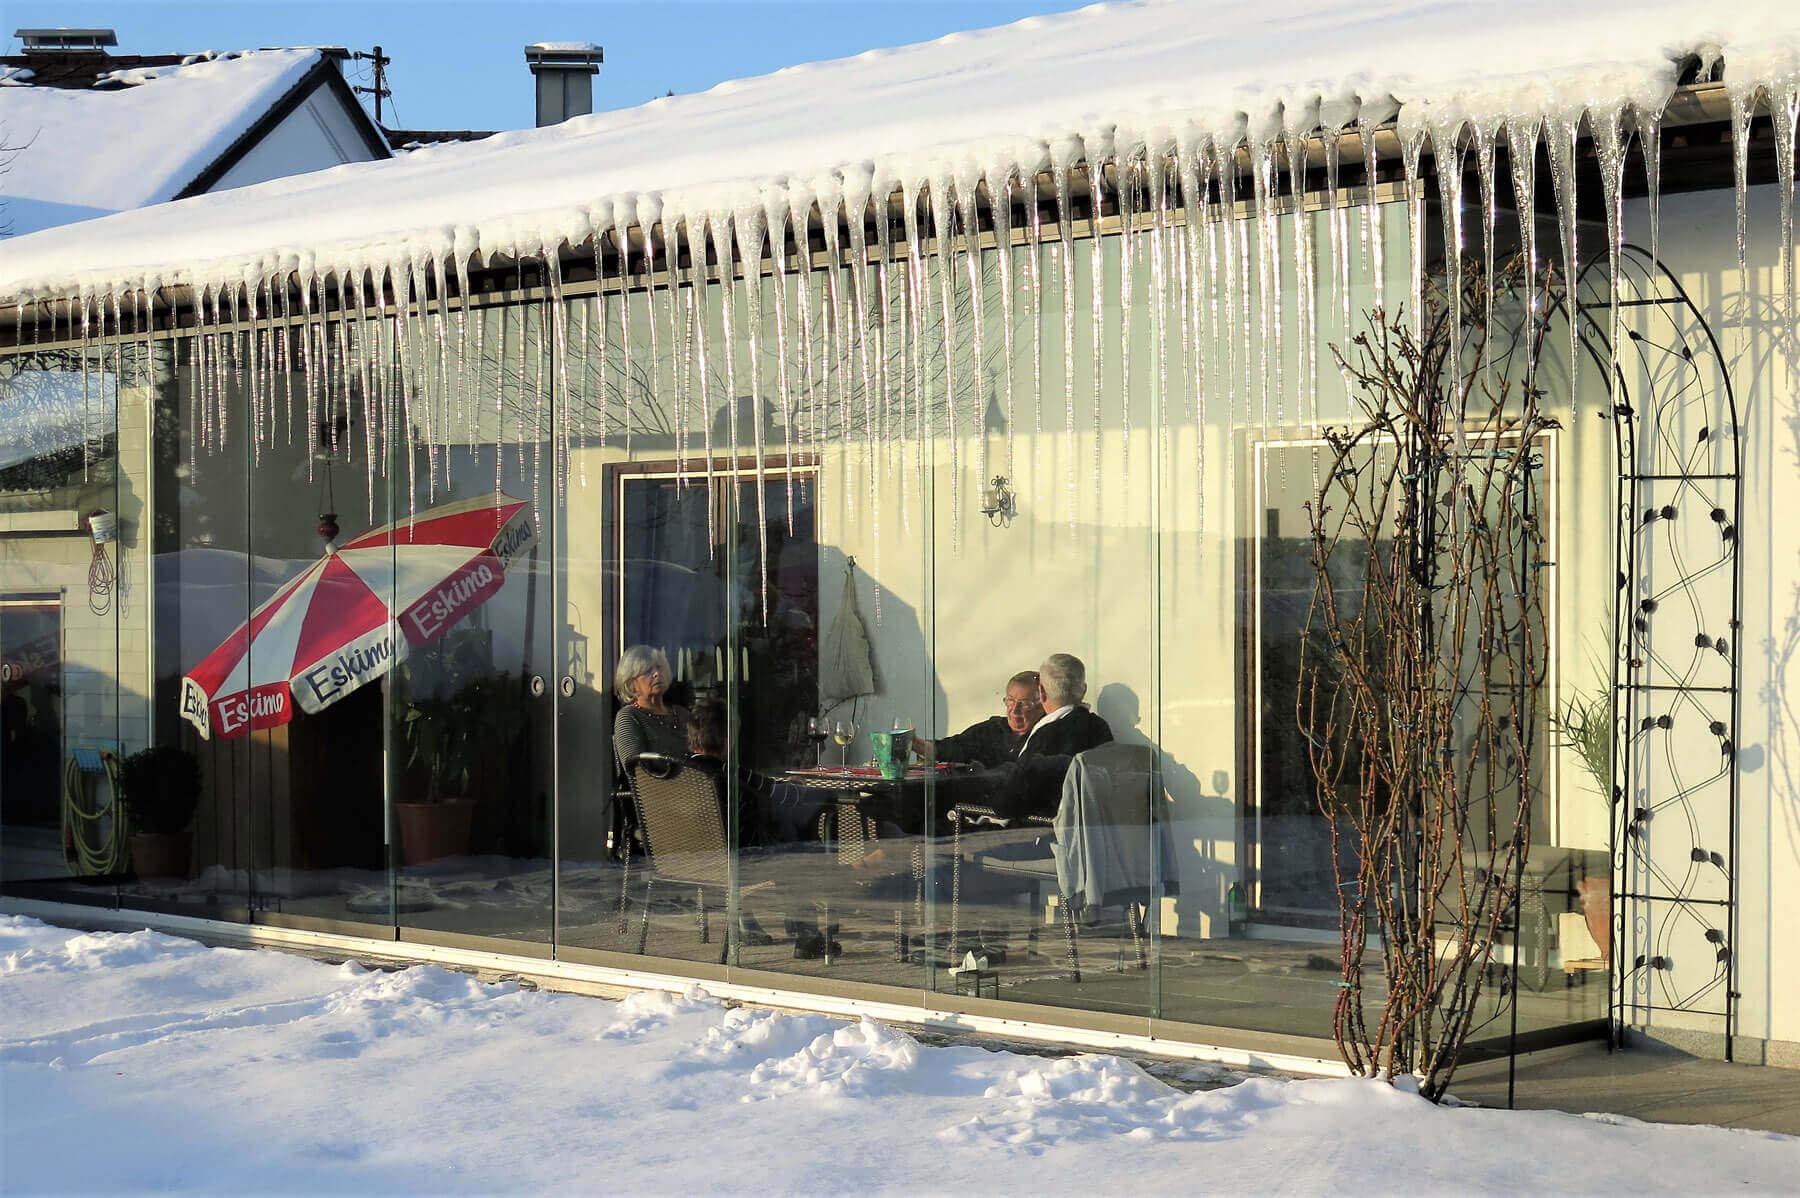 Wintergarten unter Dachüberstand